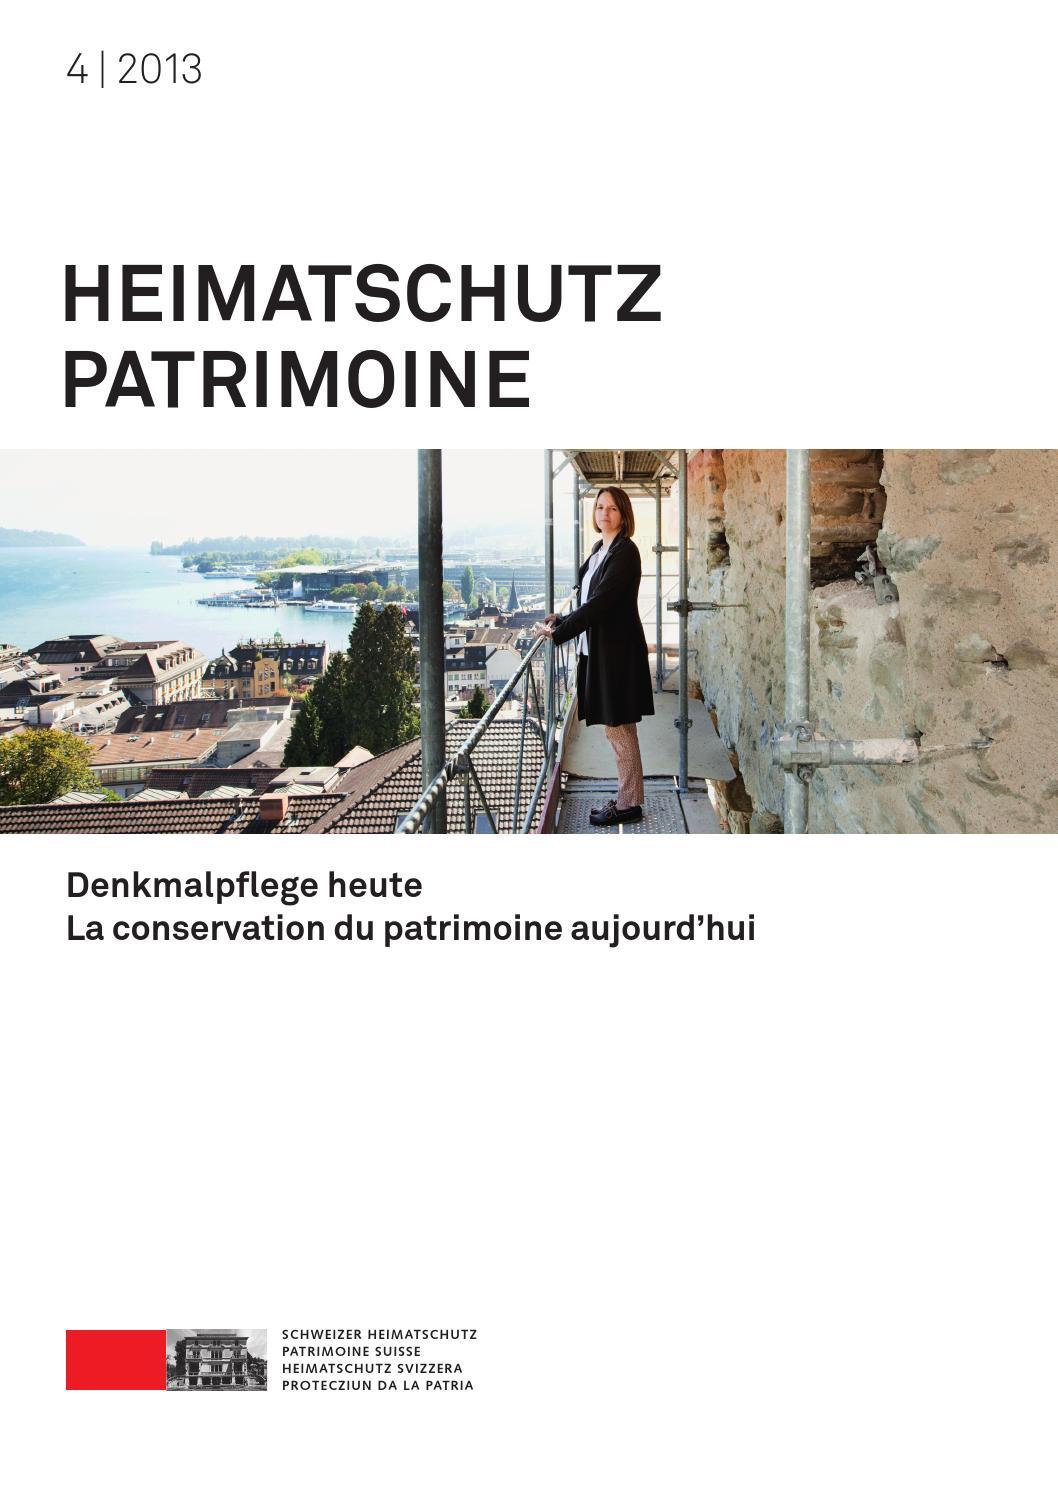 Heimatschutz/Patrimoine 4 2013 by Schweizer Heimatschutz - issuu